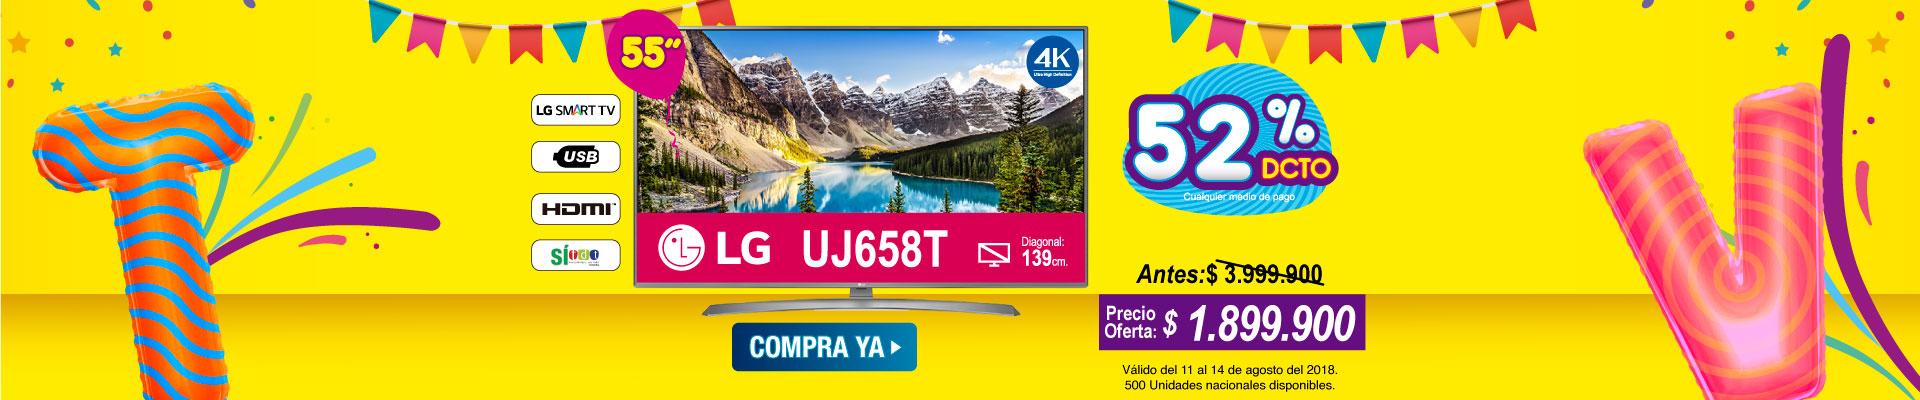 ALKP-PPAL-2-TV-PP---Lg-UJ658T-Ago15